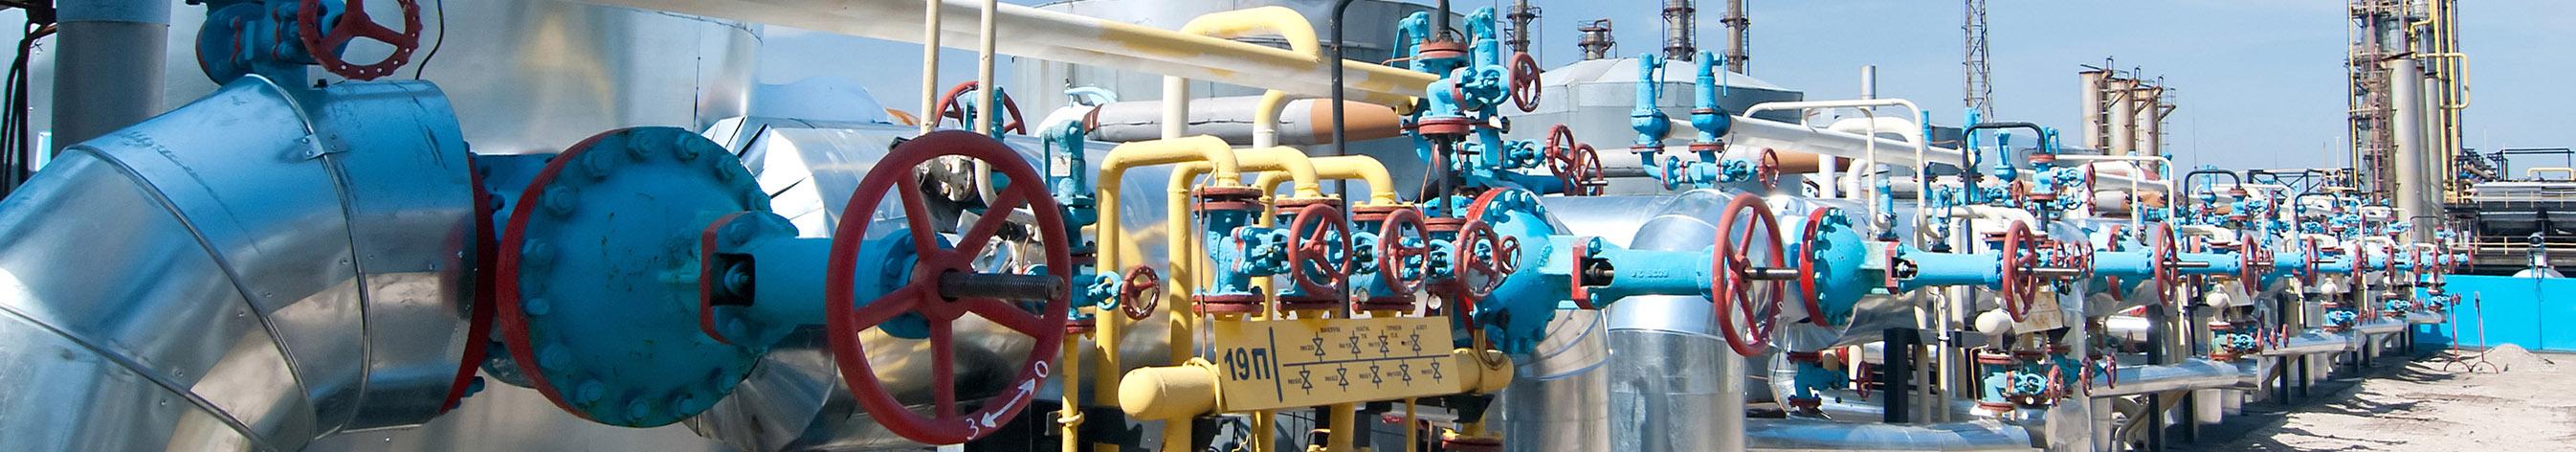 Датчики давления и уровня для химической промышленности Управление насосами Управление компрессорами Контроль состояния технологических фильтров Дозирующие установки Испытательные стенды